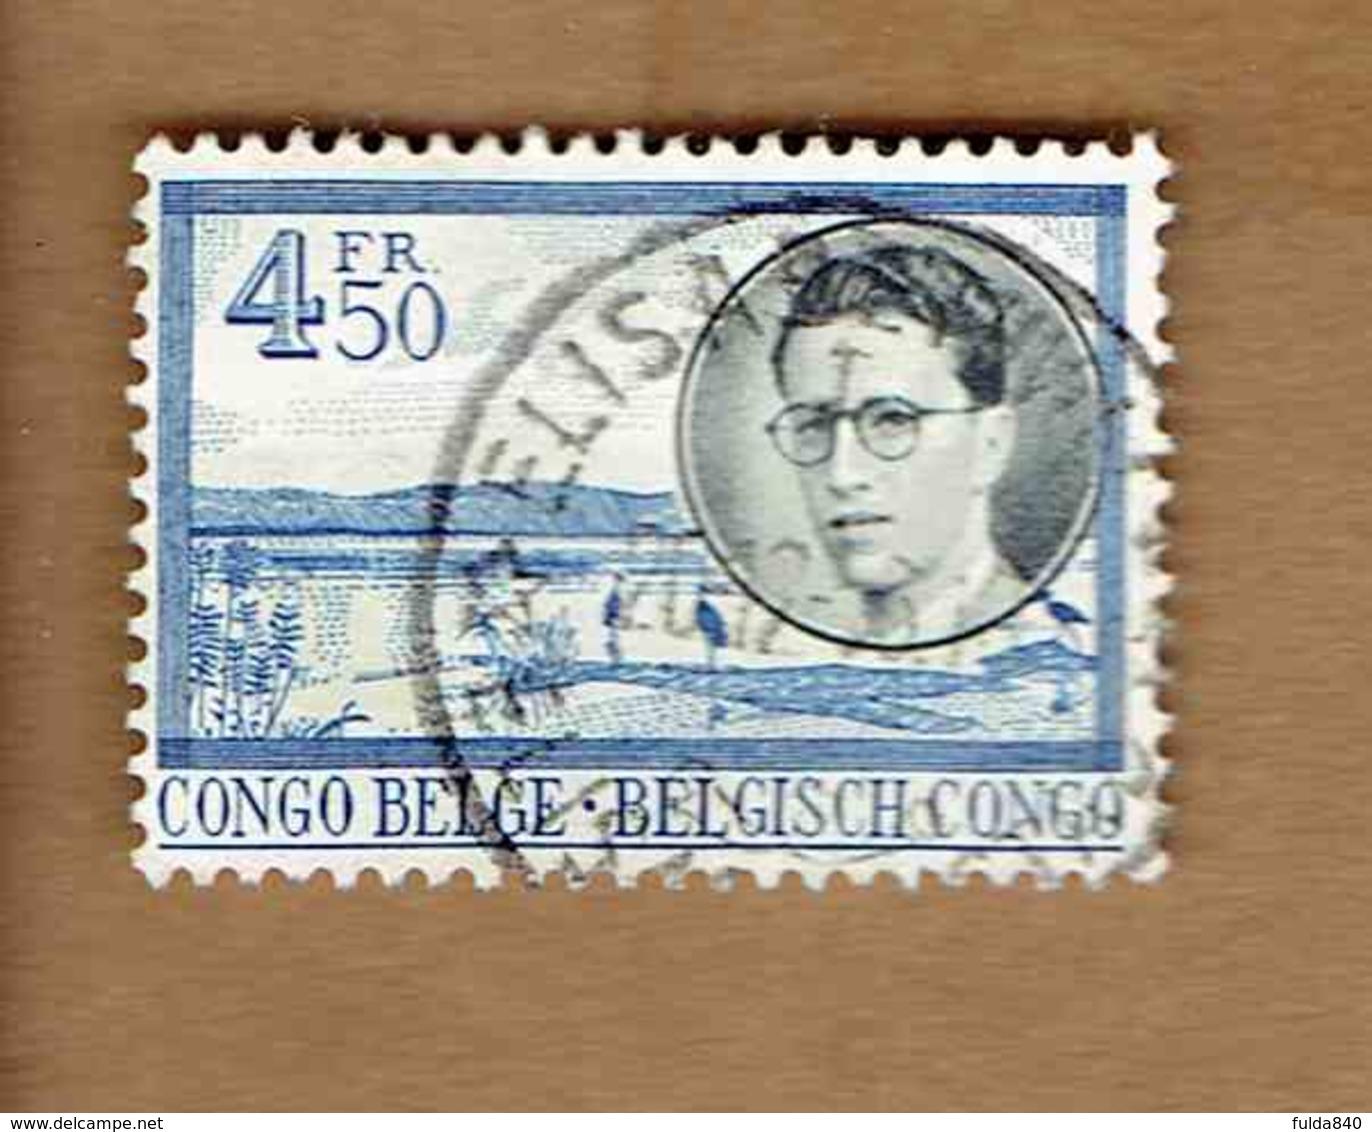 Congo Belge.(COB-OBP)  1955 - N°335    *VOYAGE ROYAL AU CONGO*   4,50F   Oblitéré ELISABETHVILLE - Congo Belge